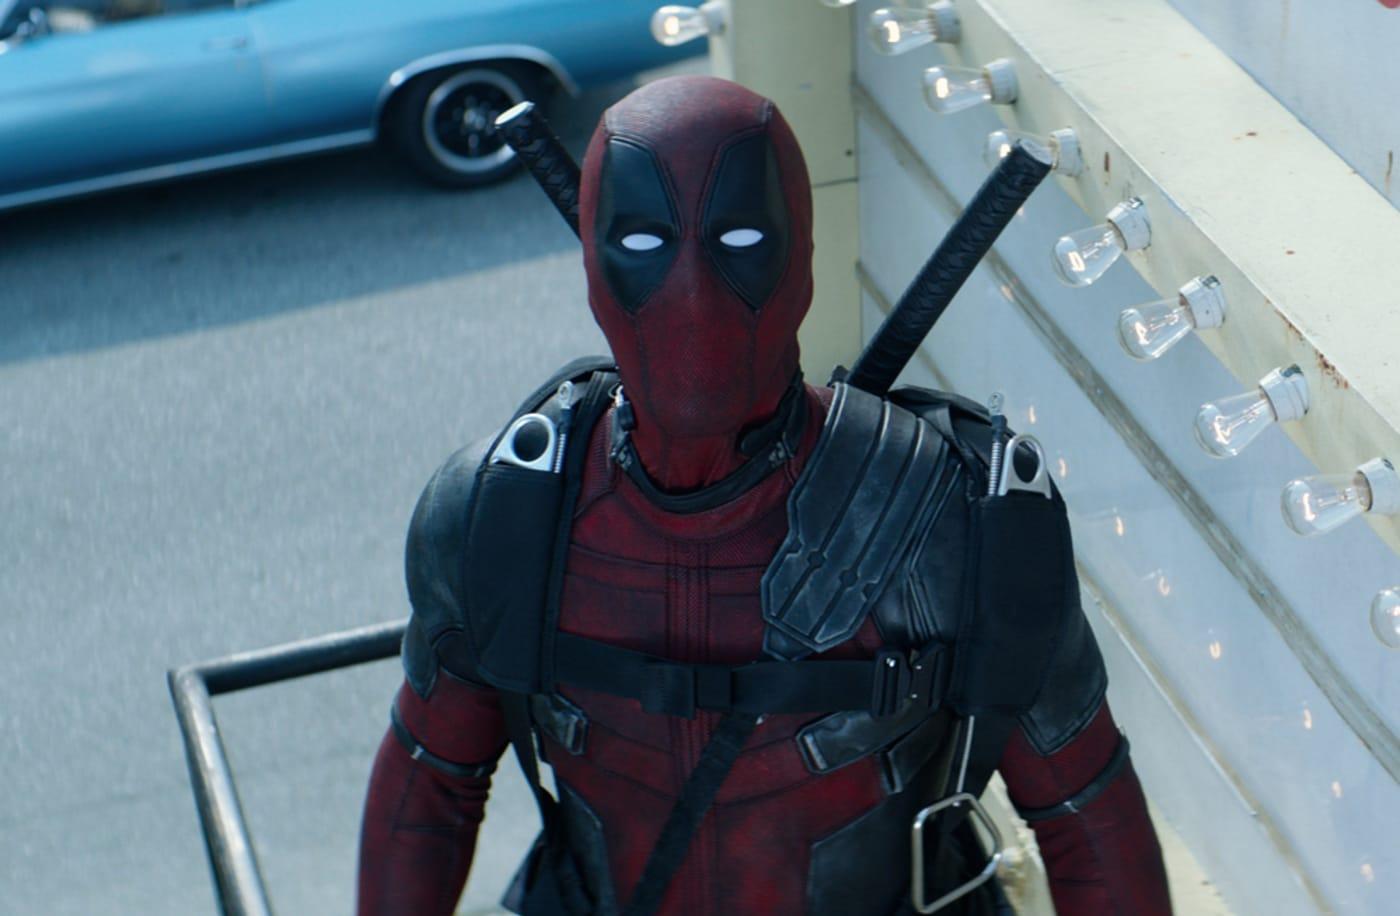 Ryan Reynolds as Deadpool in 'Deadpool 2'